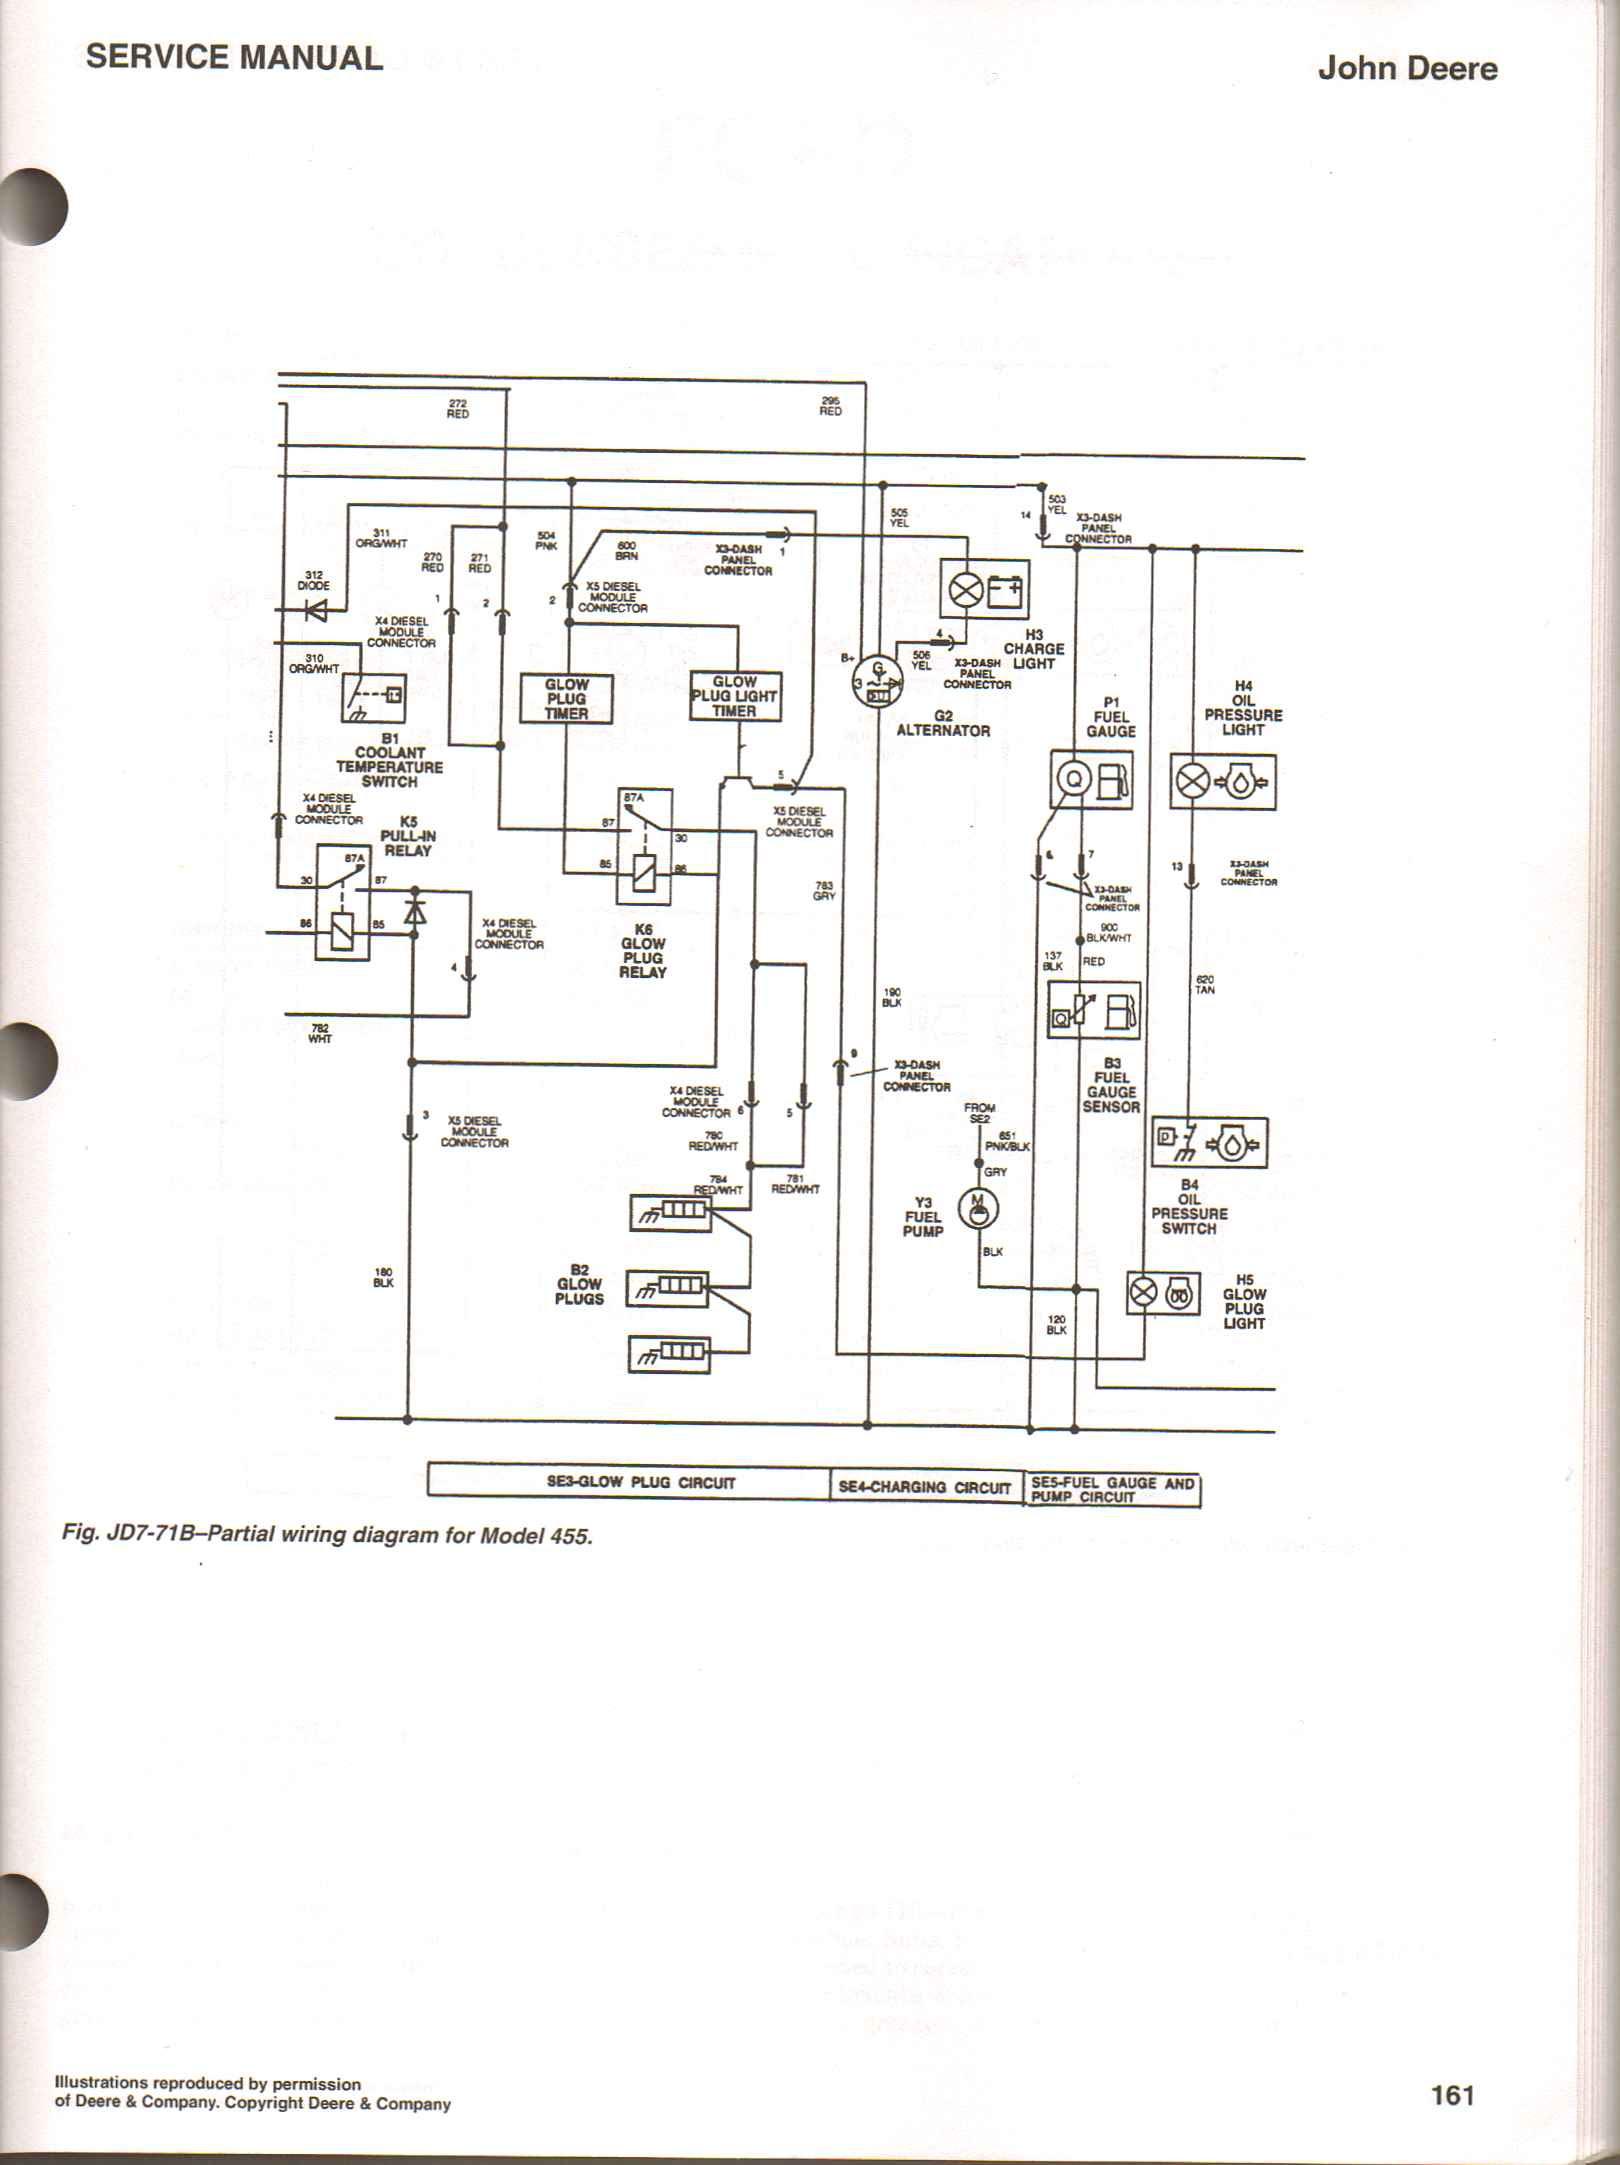 Diagram John Deere 455 Wiring Diagram Full Version Hd Quality Wiring Diagram Ddiagram23 Japanfest It